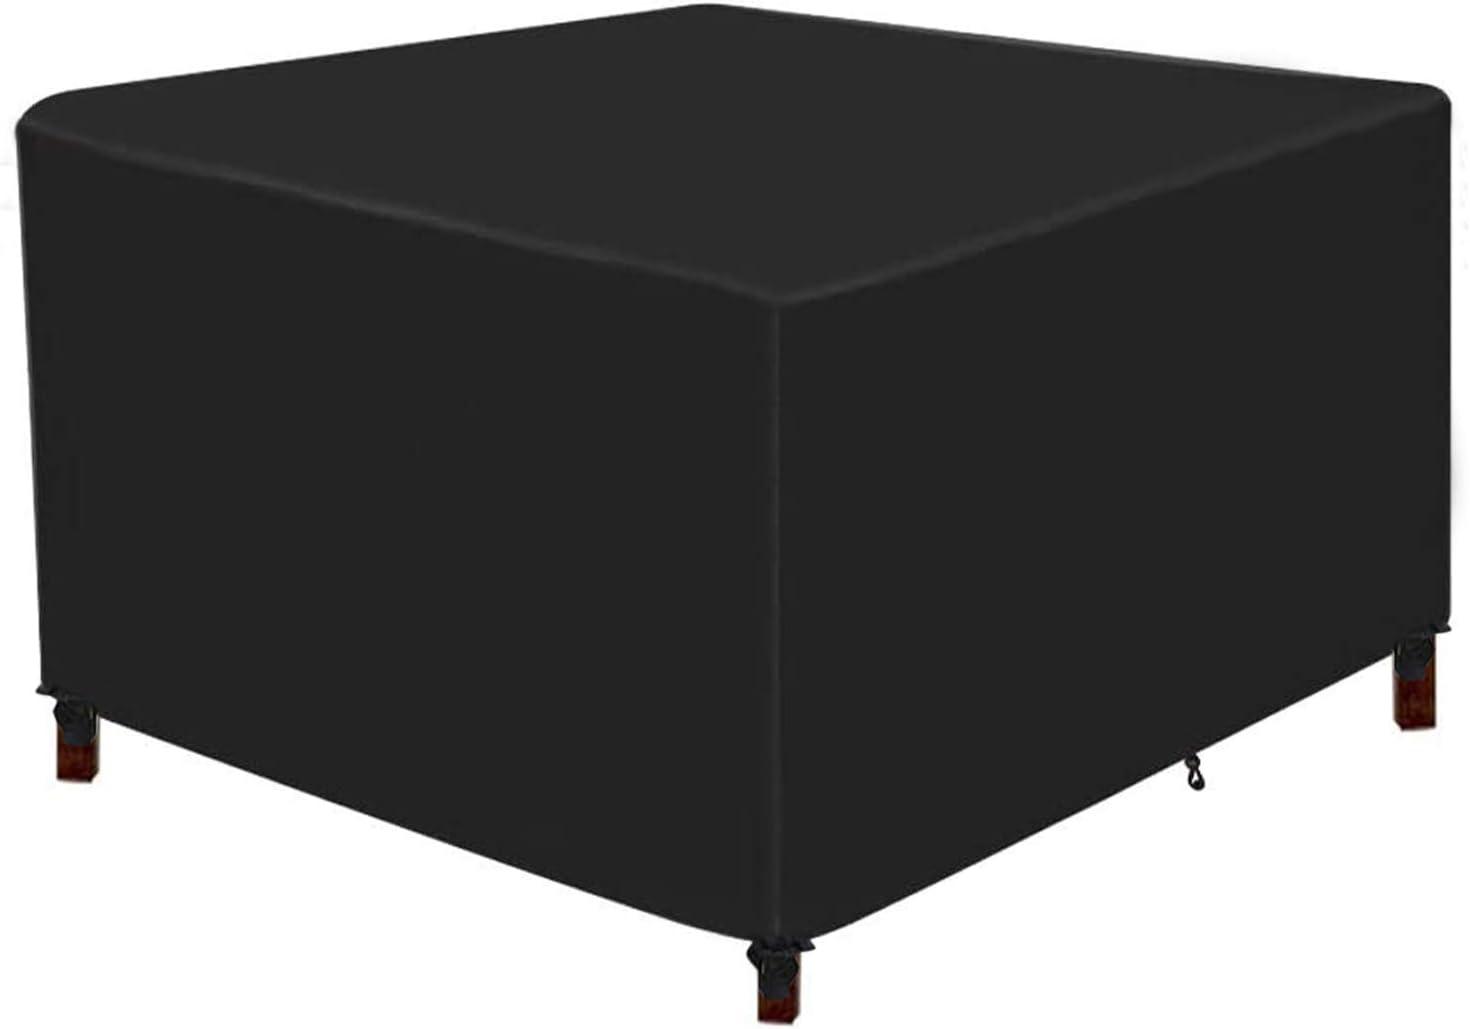 Flagicon Funda para Muebles de Jardín, Funda Protectoras Muebles Exterior Impermeable Anti-UV a Prueba de Viento Resistente al Polvo, Paño Oxford 420D Cubierta de Mesa de jardín para Patio Jardin